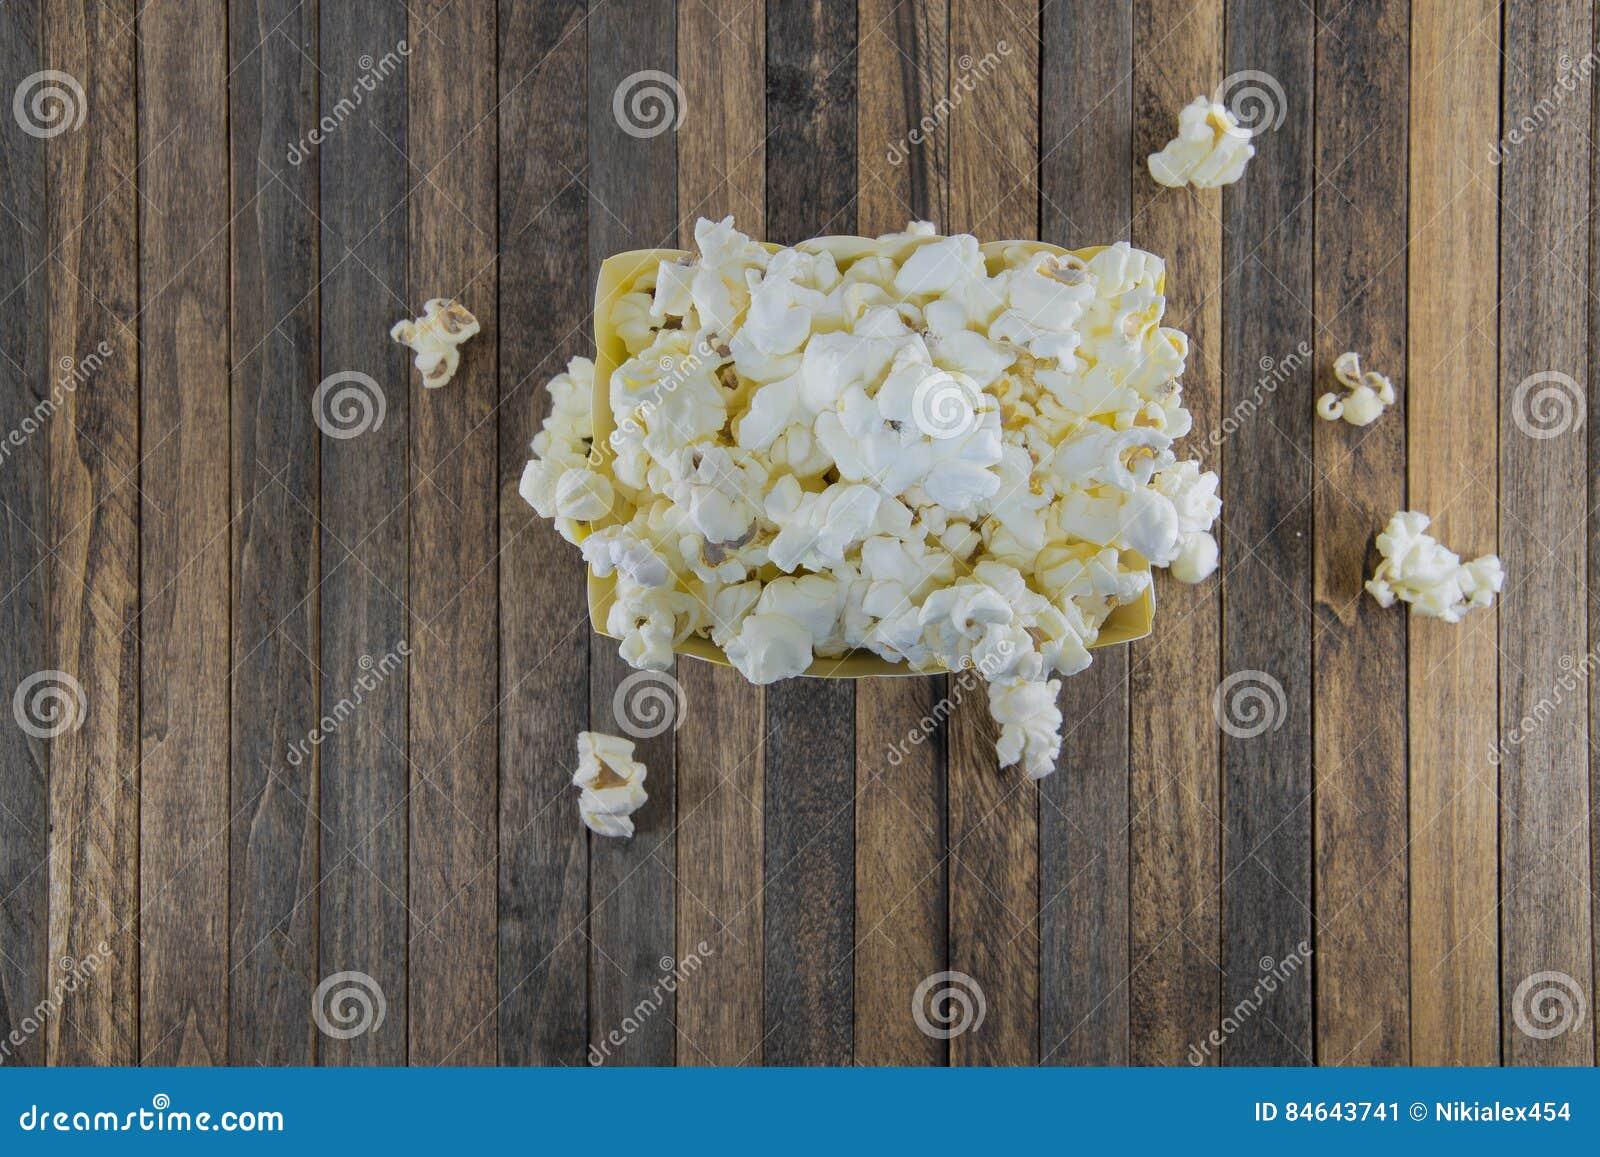 Caja de palomitas en un fondo de madera